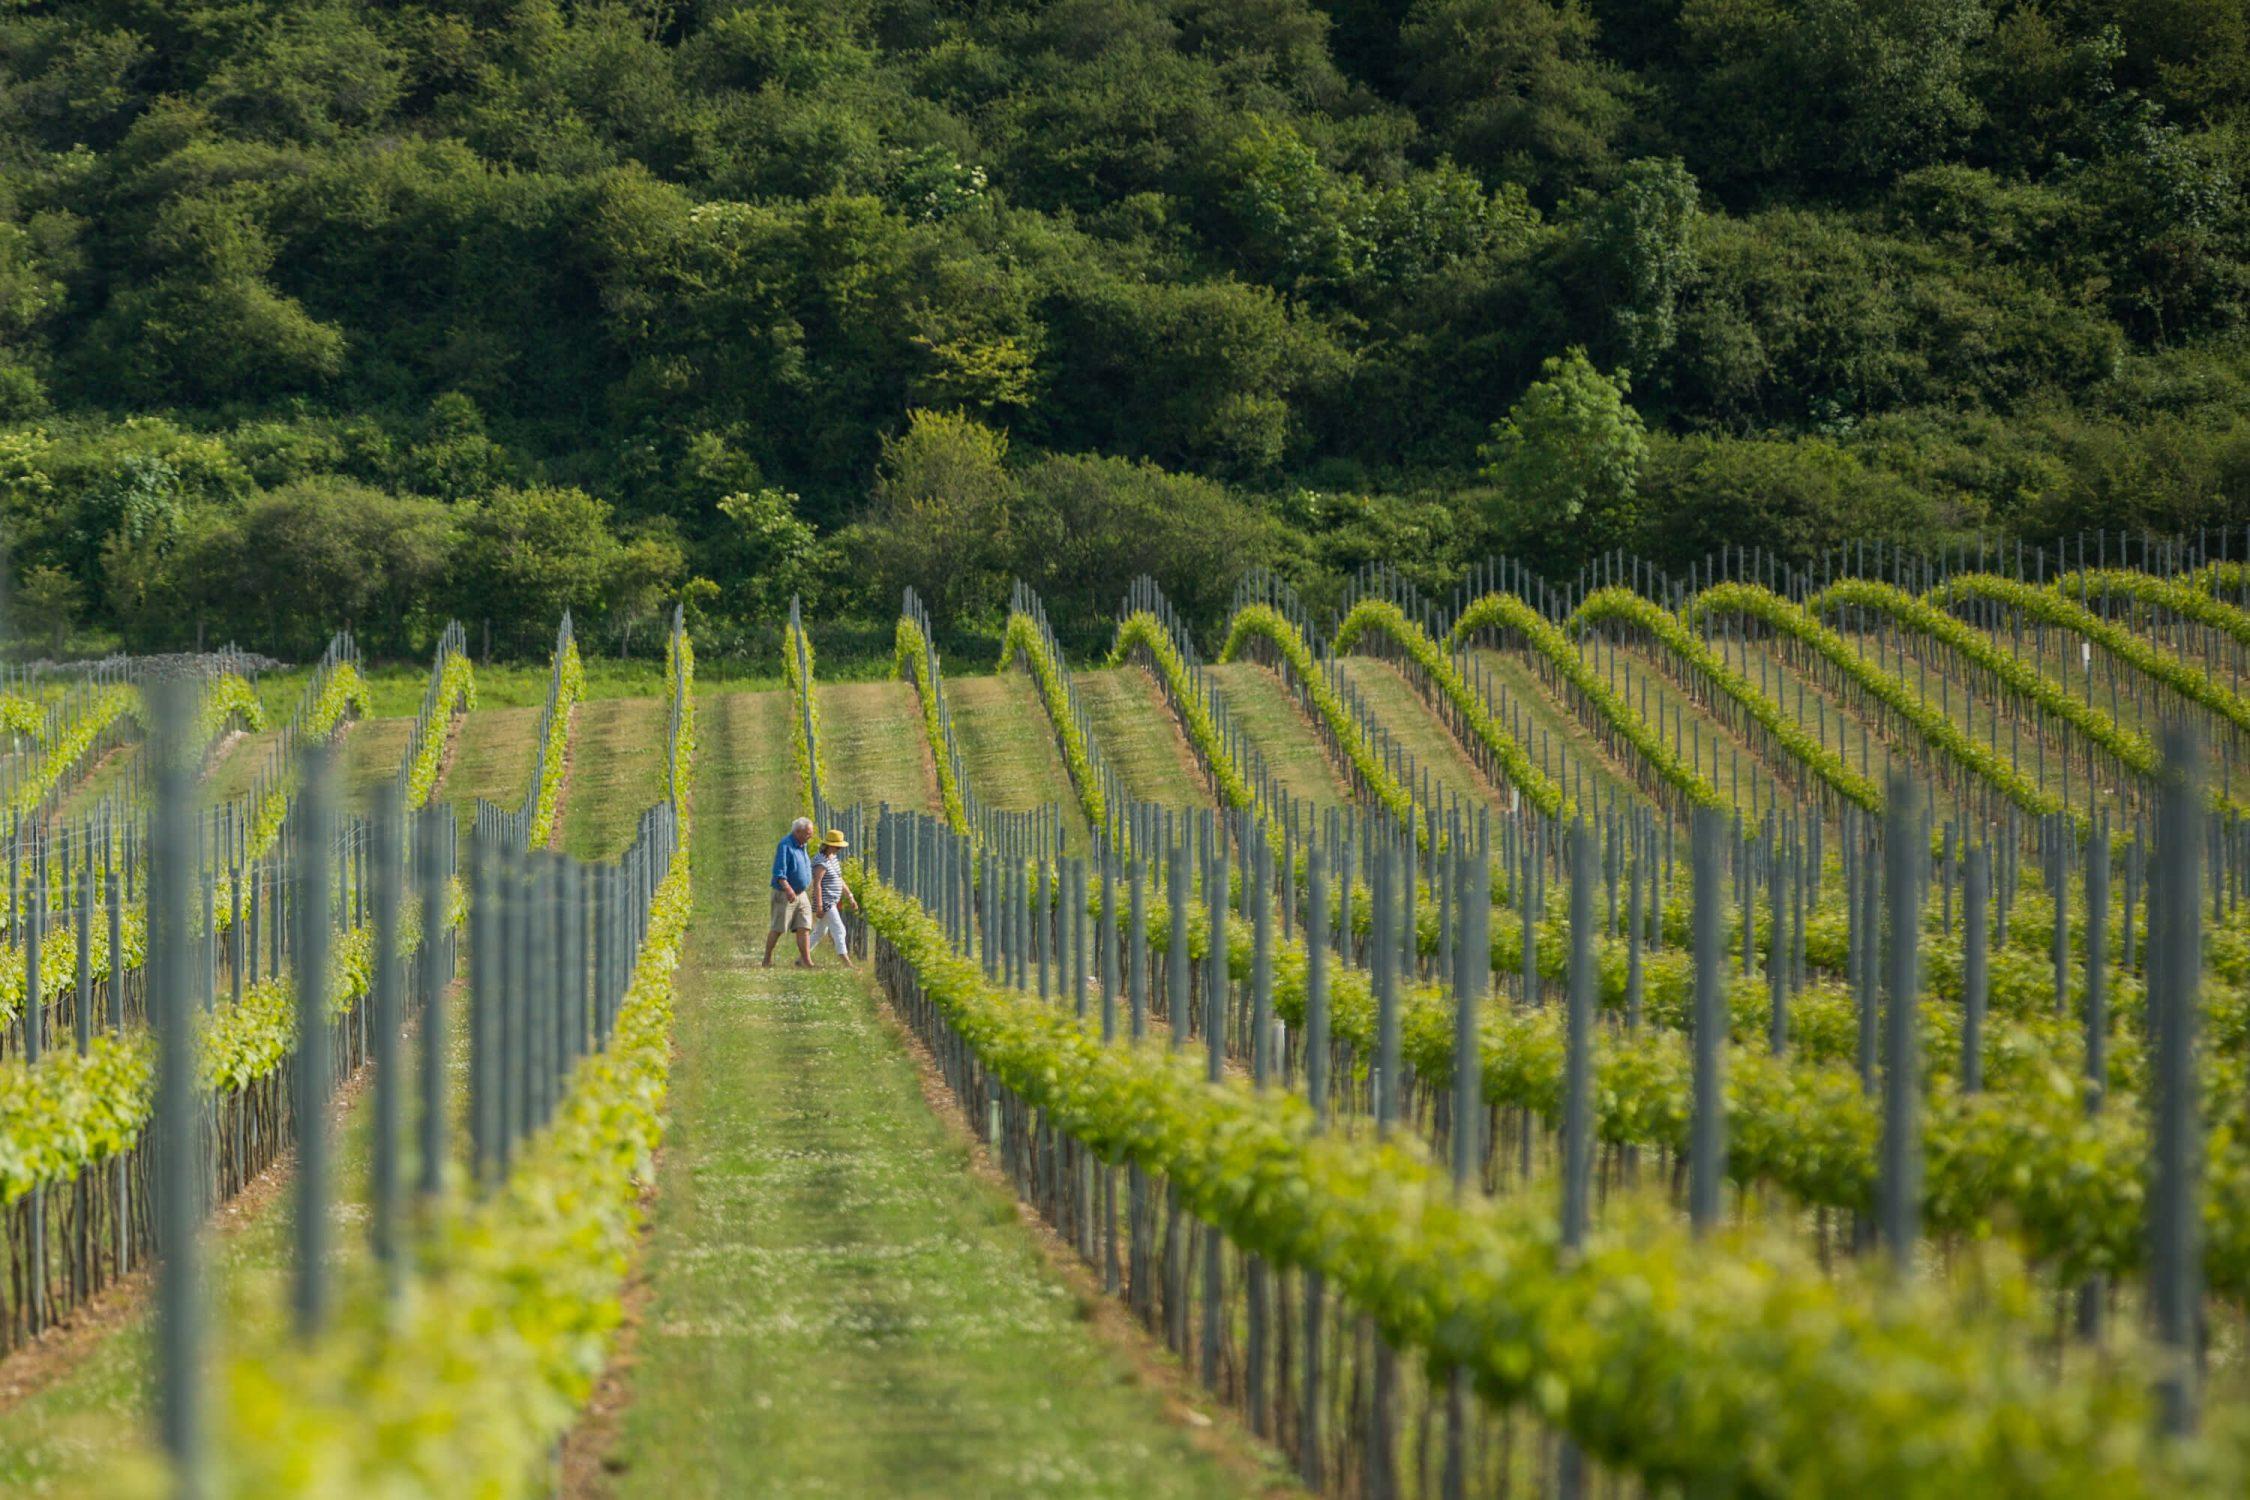 Couple walking through the Vineyard